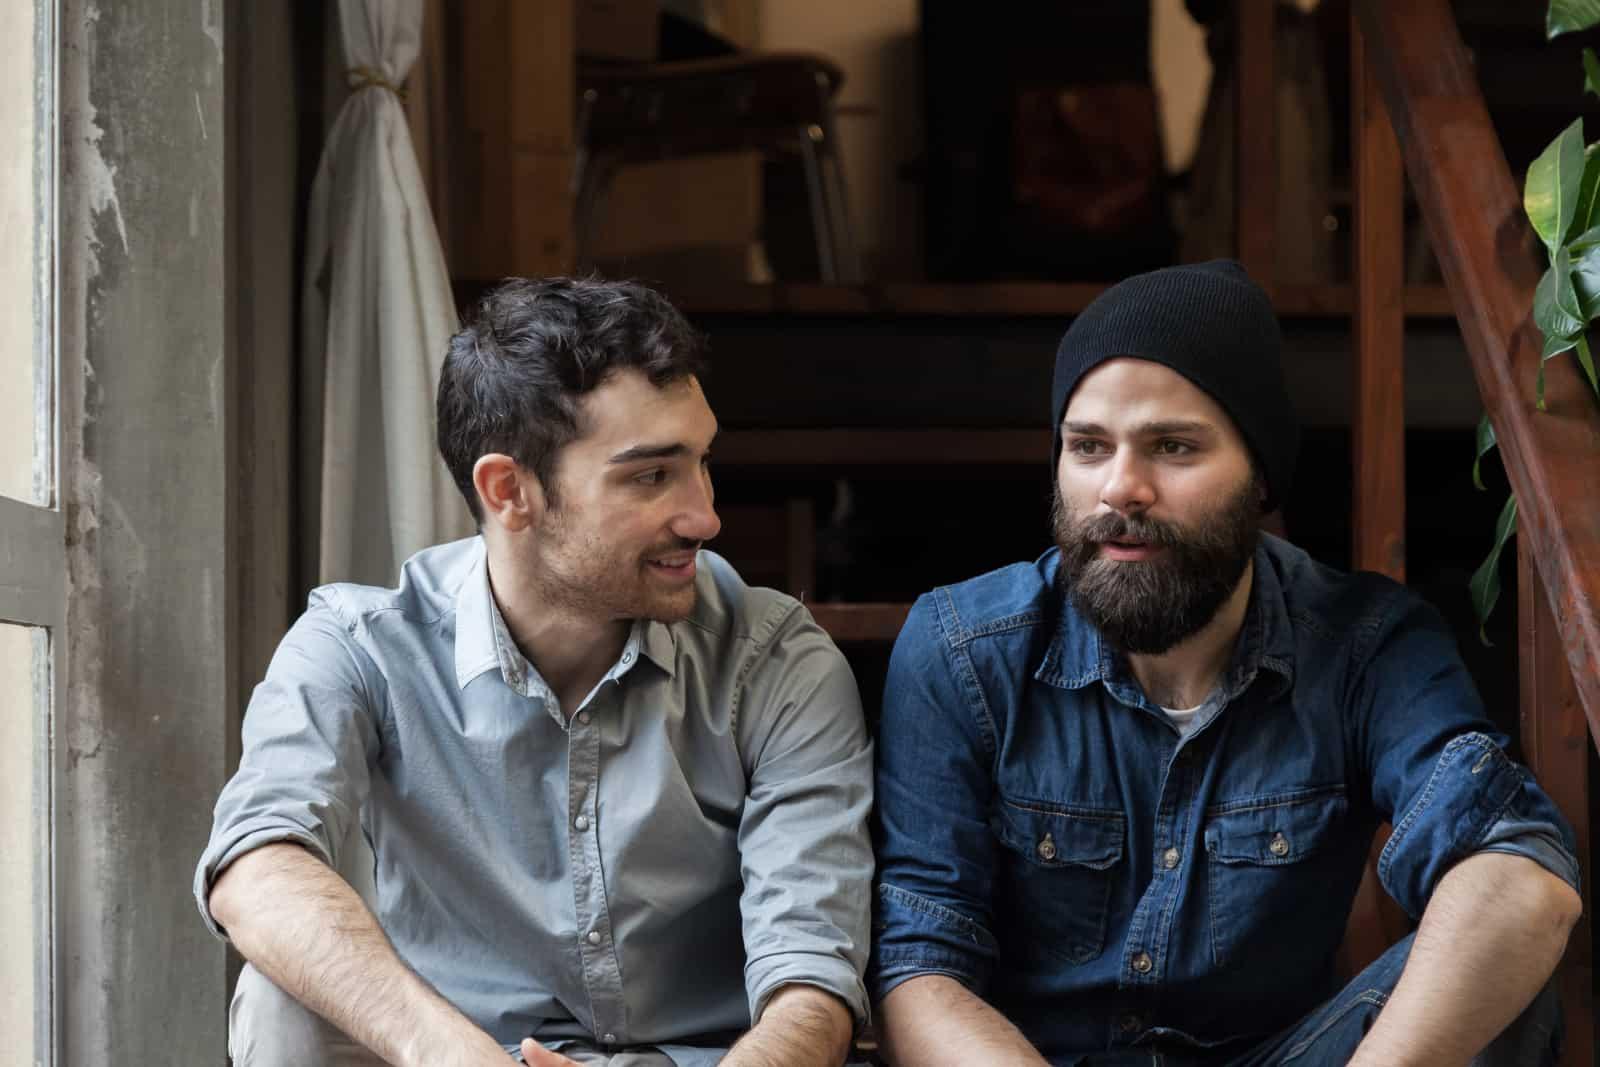 Zwei männliche Freunde sitzen auf der Treppe und unterhalten sich